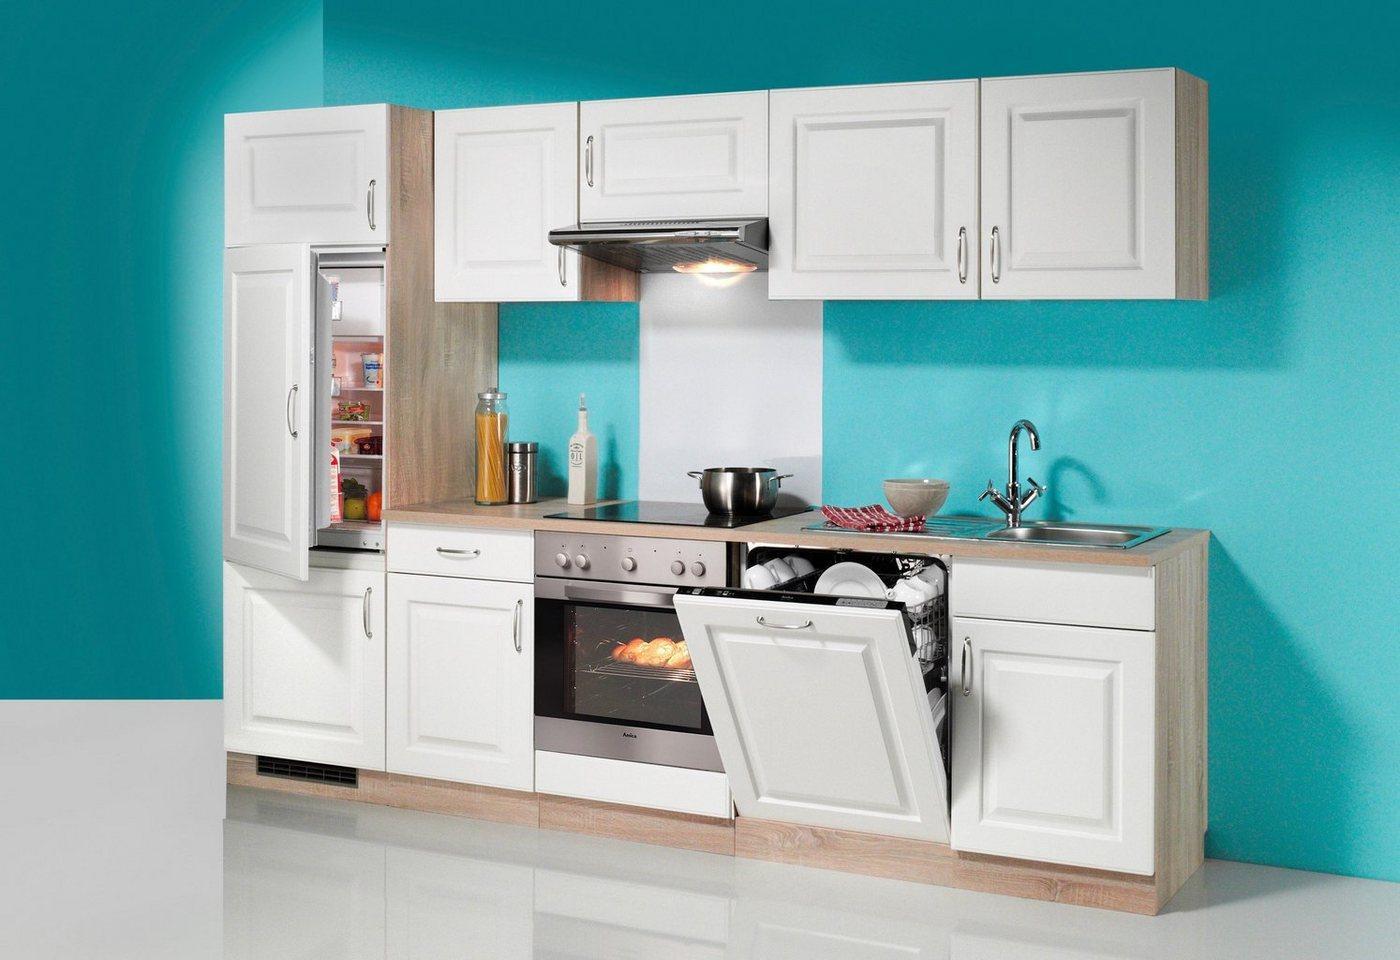 wiho Küchen Küchenzeile »Tilda«, mit E-Geräten, inkl. Geschirrspüler, Breite 280 cm